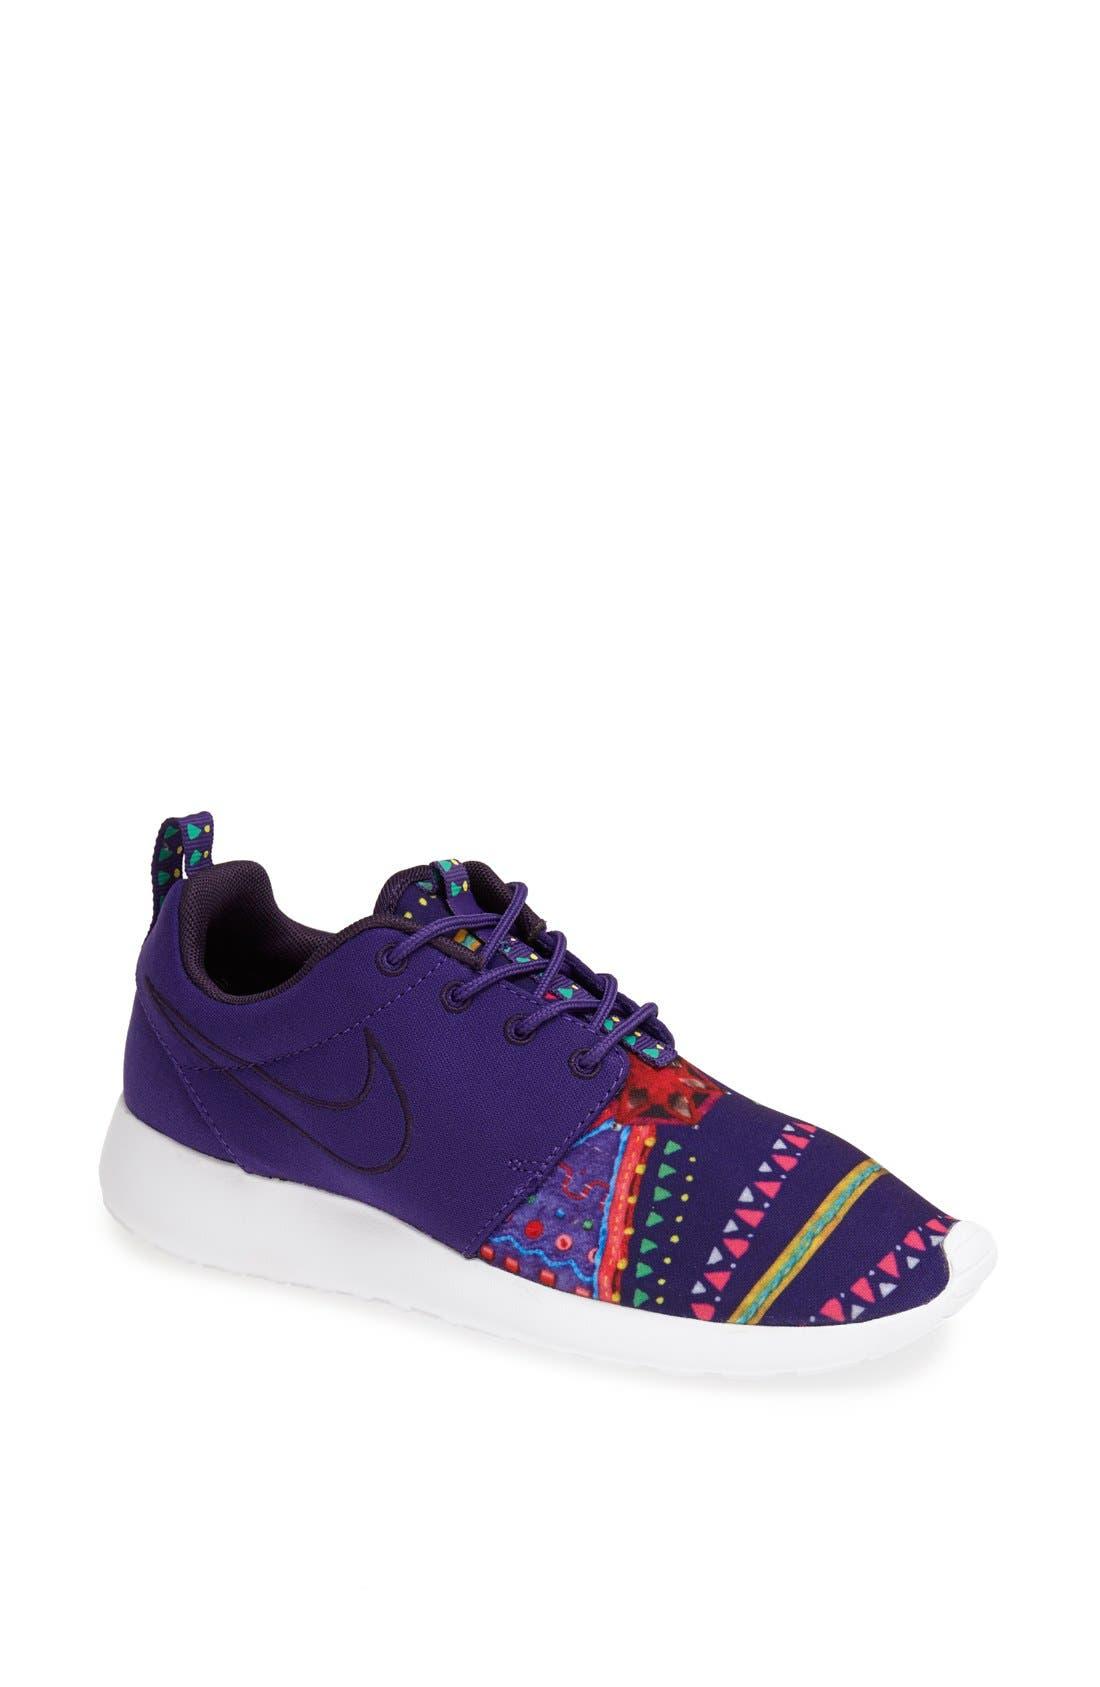 Alternate Image 1 Selected - Nike 'Roshe Run MP QS' Print Sneaker (Women)